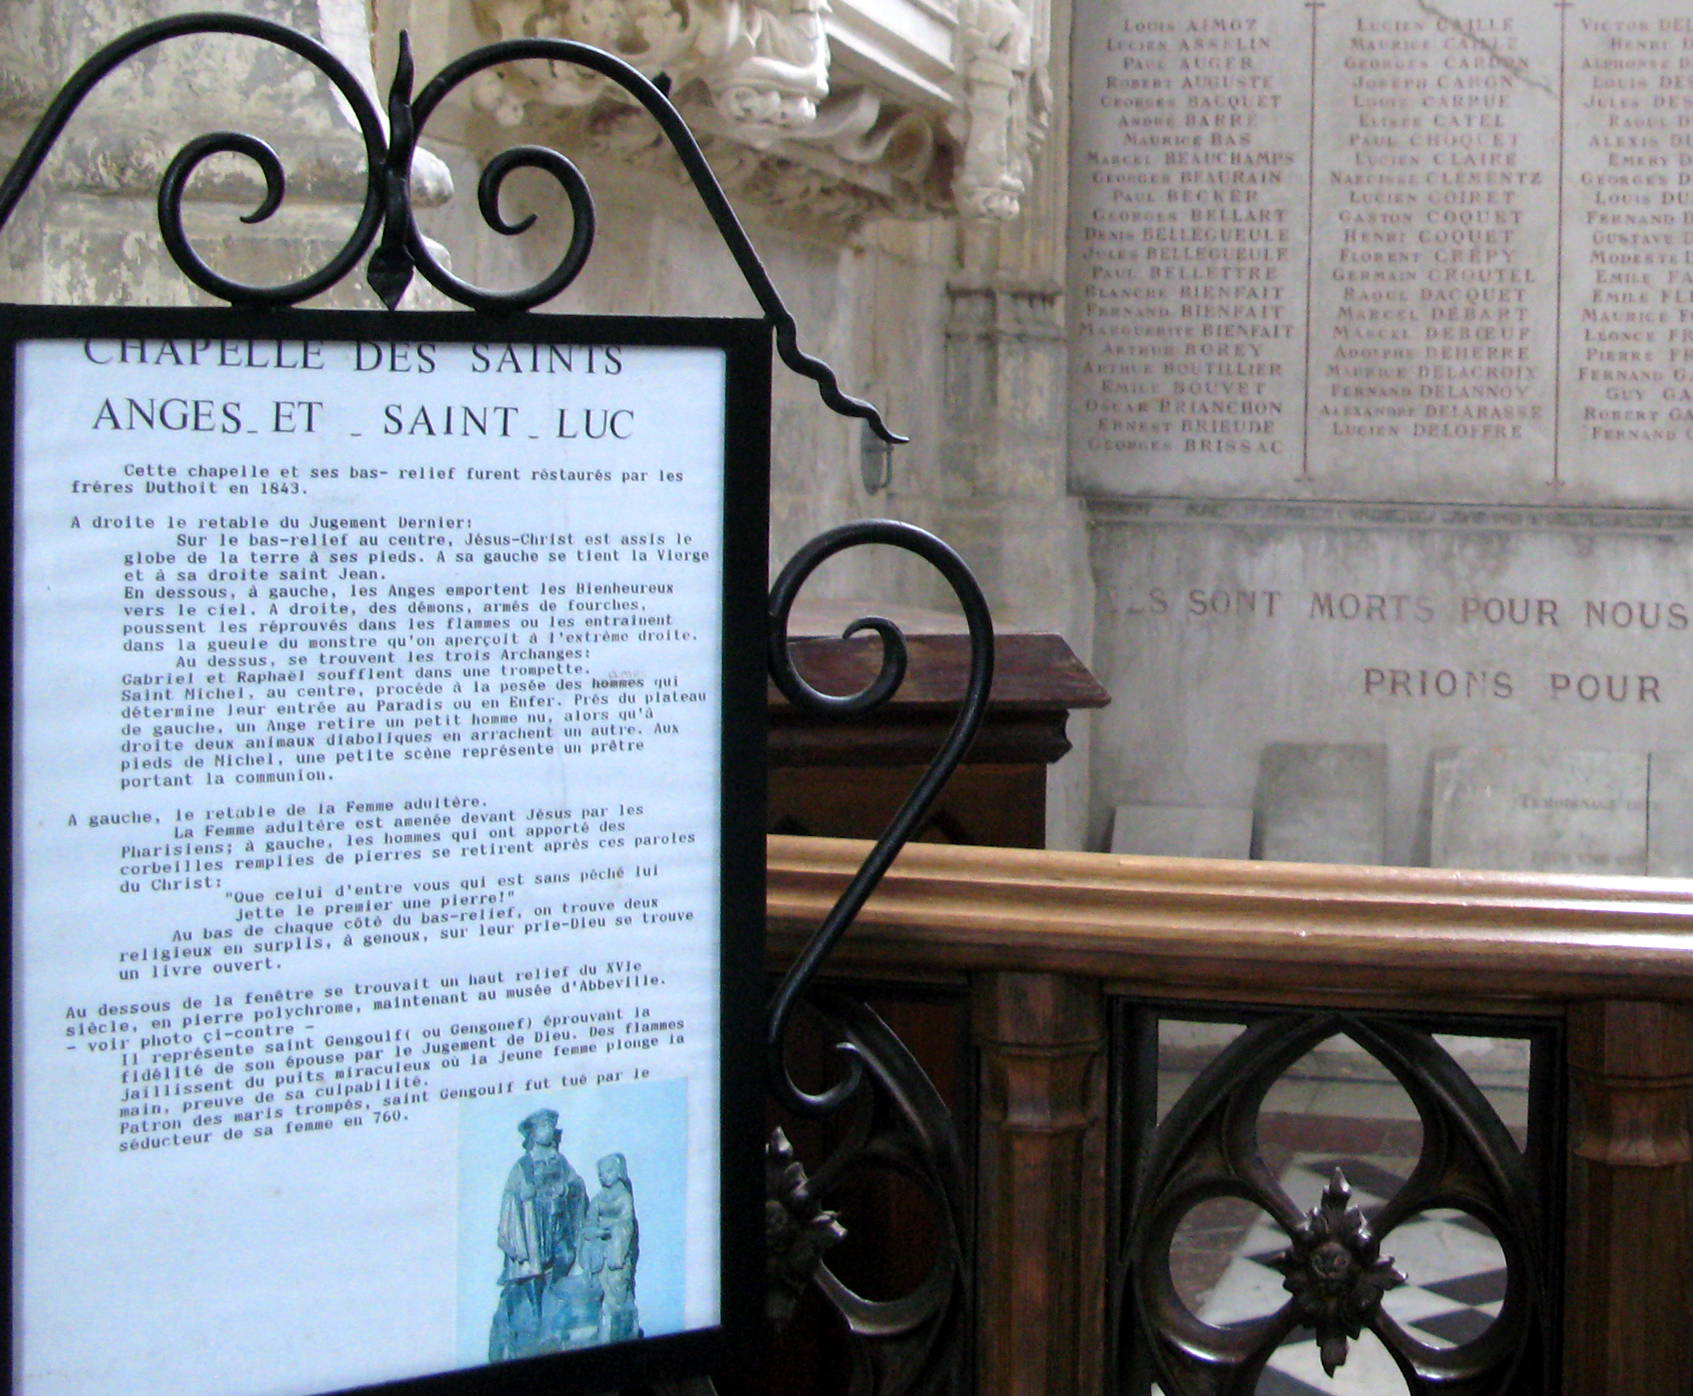 Architecture D Intérieur Saint Luc file:abbeville st-wulfran (intérieur) chapelle sts-anges et